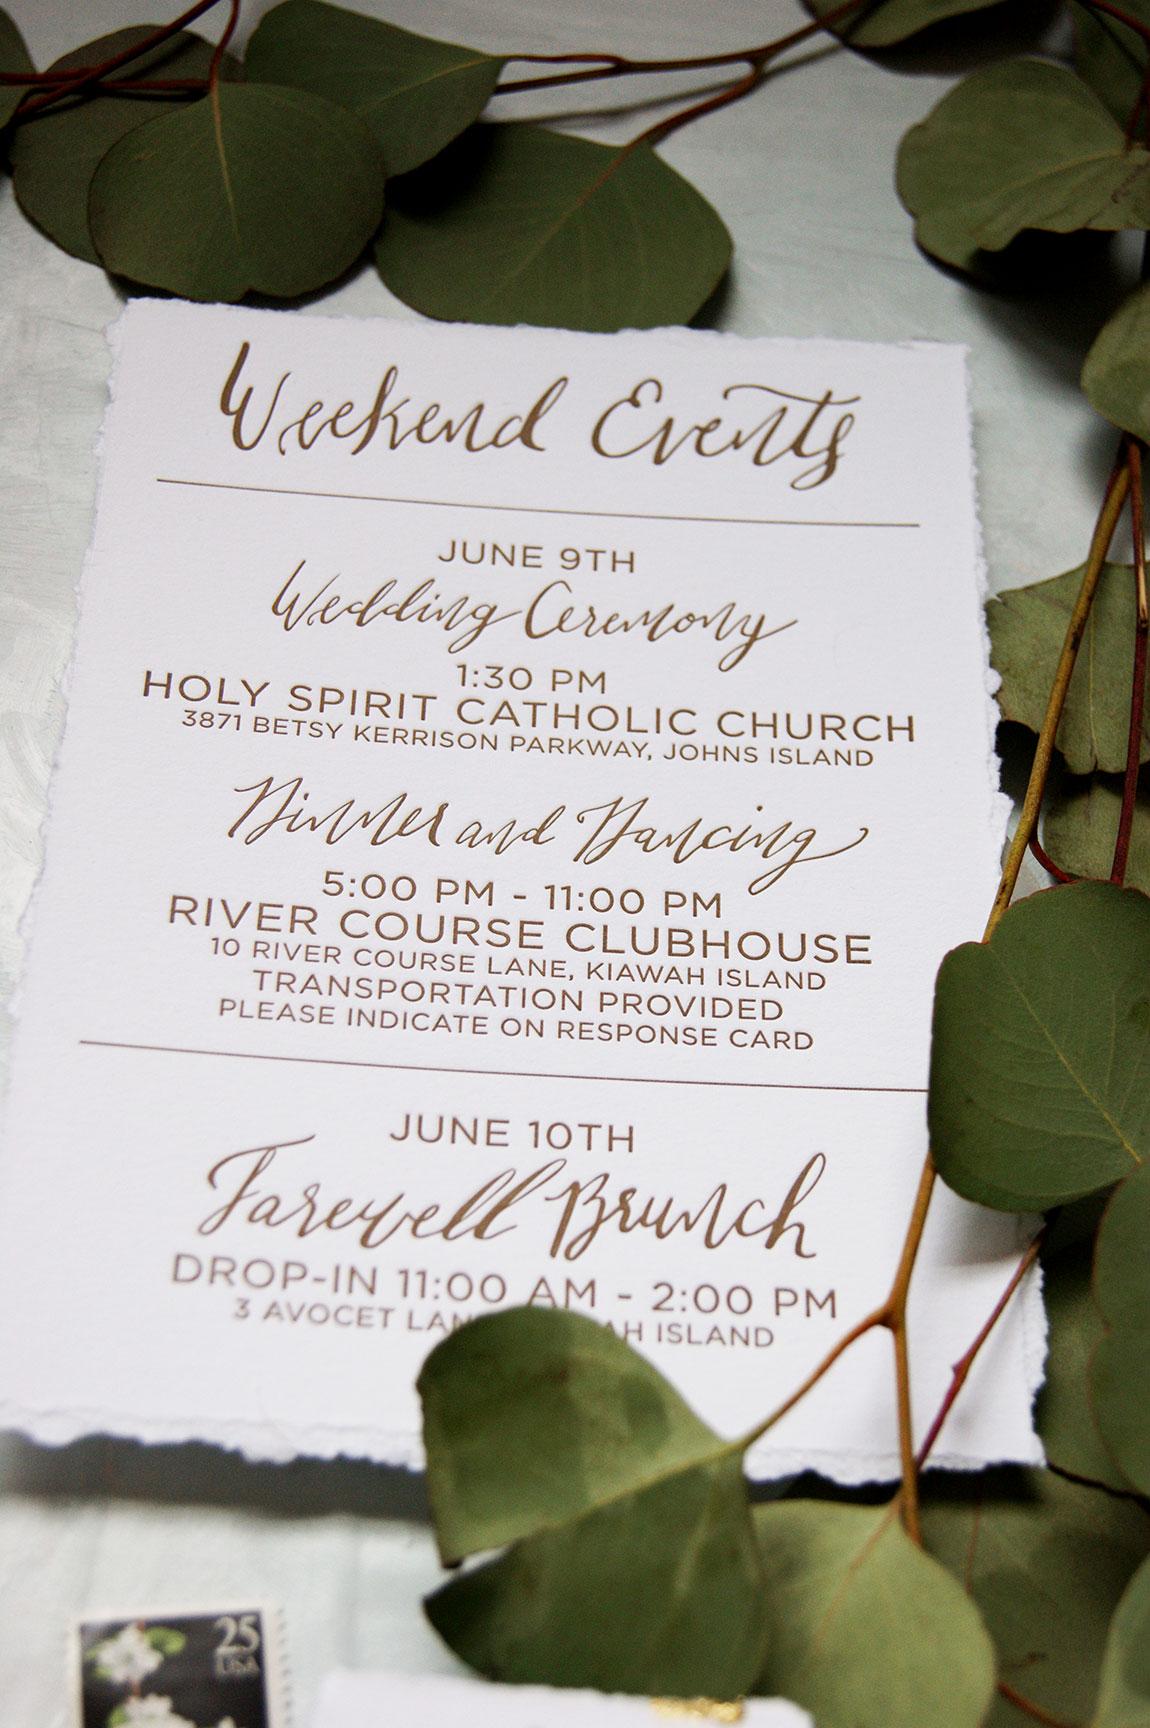 Kiawah Island Wedding Events Card